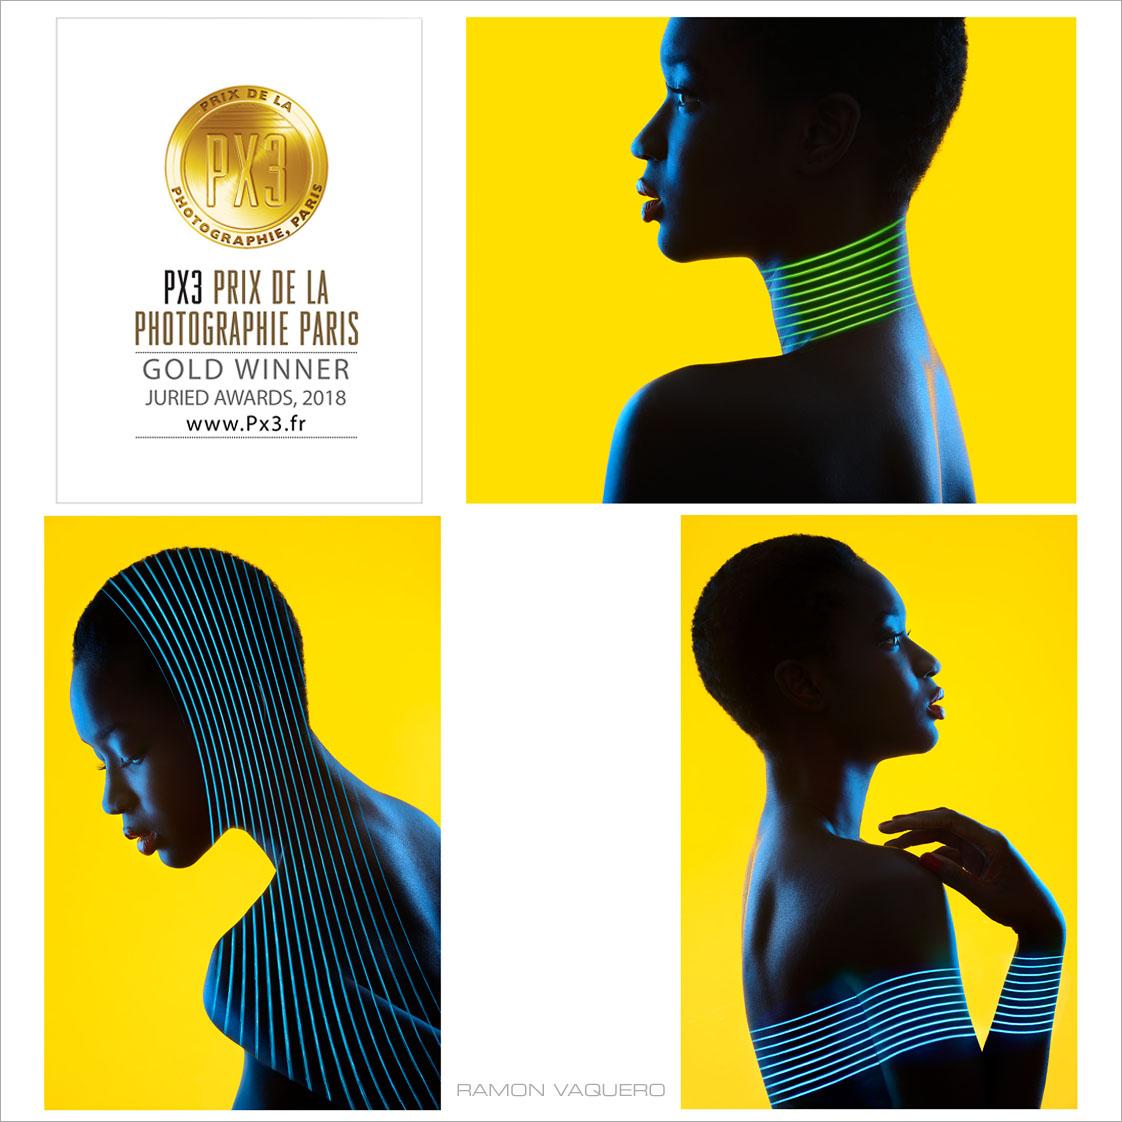 Lighting Clothes_ramonvaquero_PX3_paris_belleza_publicidad_fotografos_vigo_españa